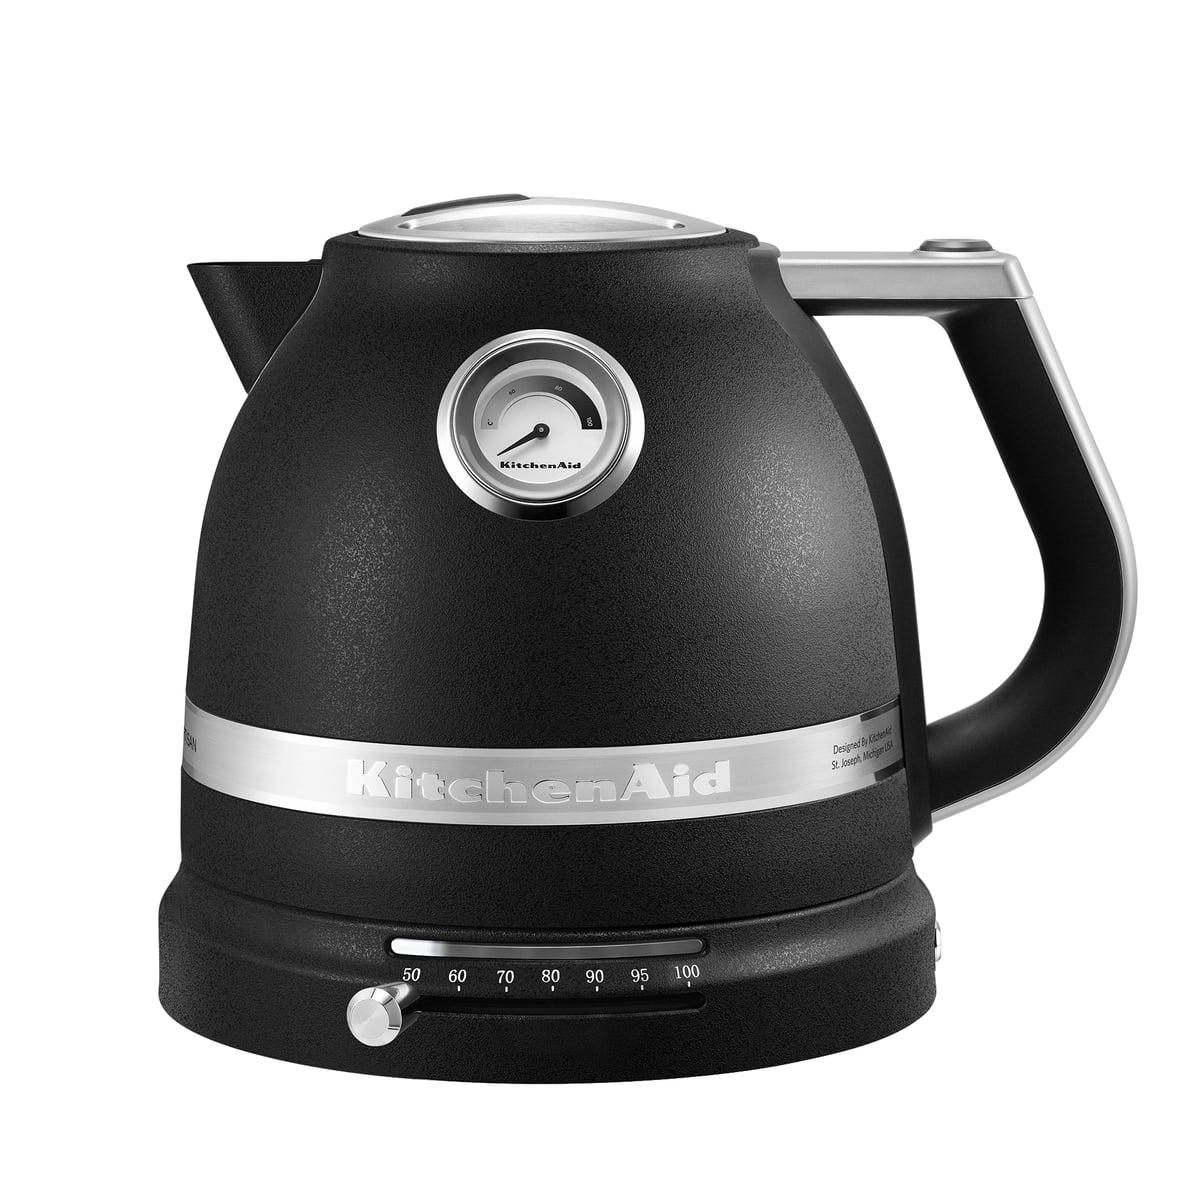 KitchenAid - Artisan Wasserkocher 1.5 l, gusseisen schwarz